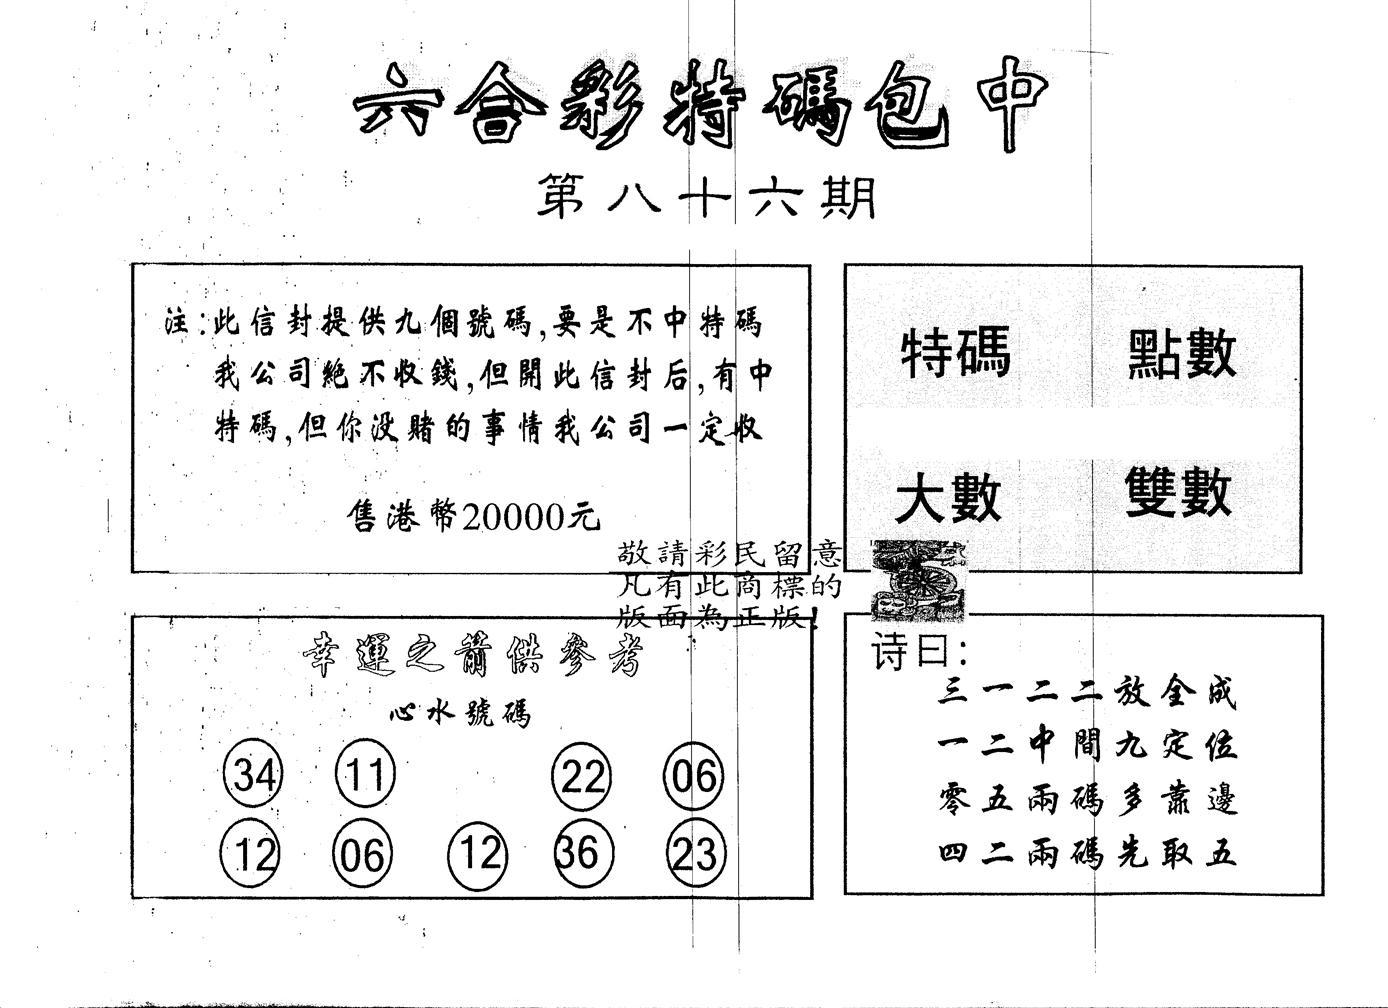 086期另版2000包中特(黑白)